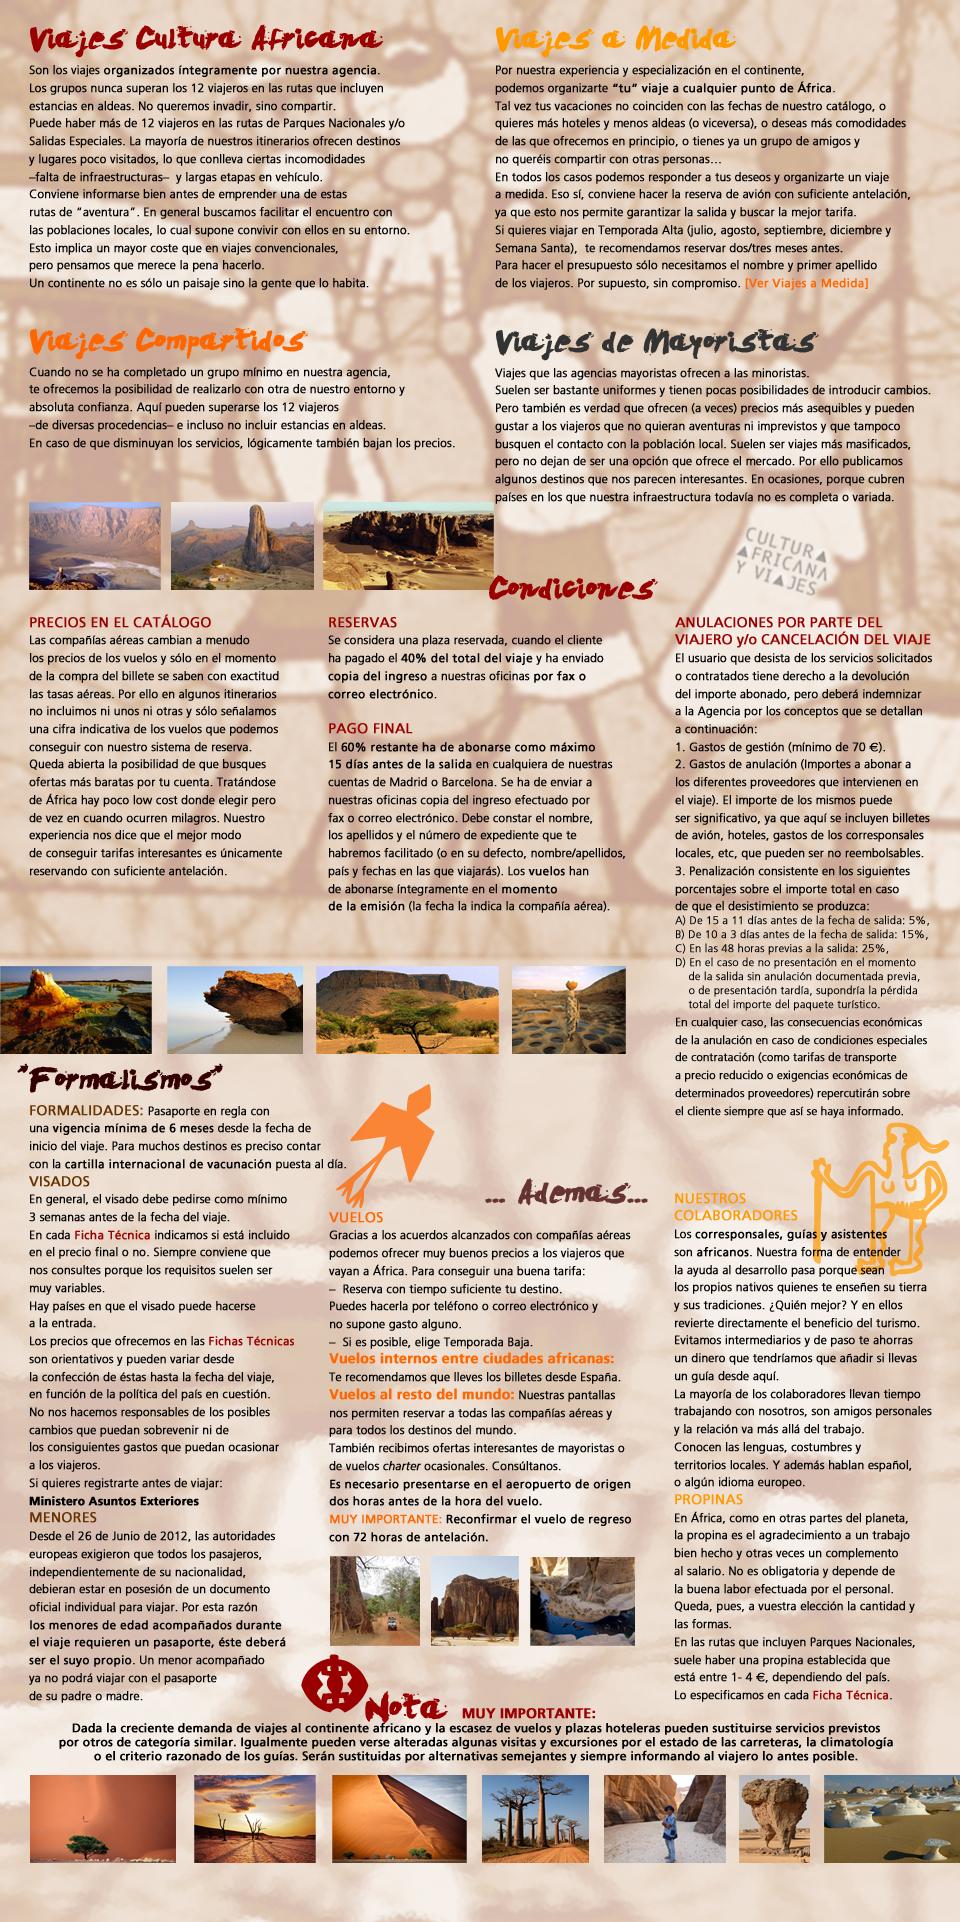 Viajes Cultura Africana y Viajes